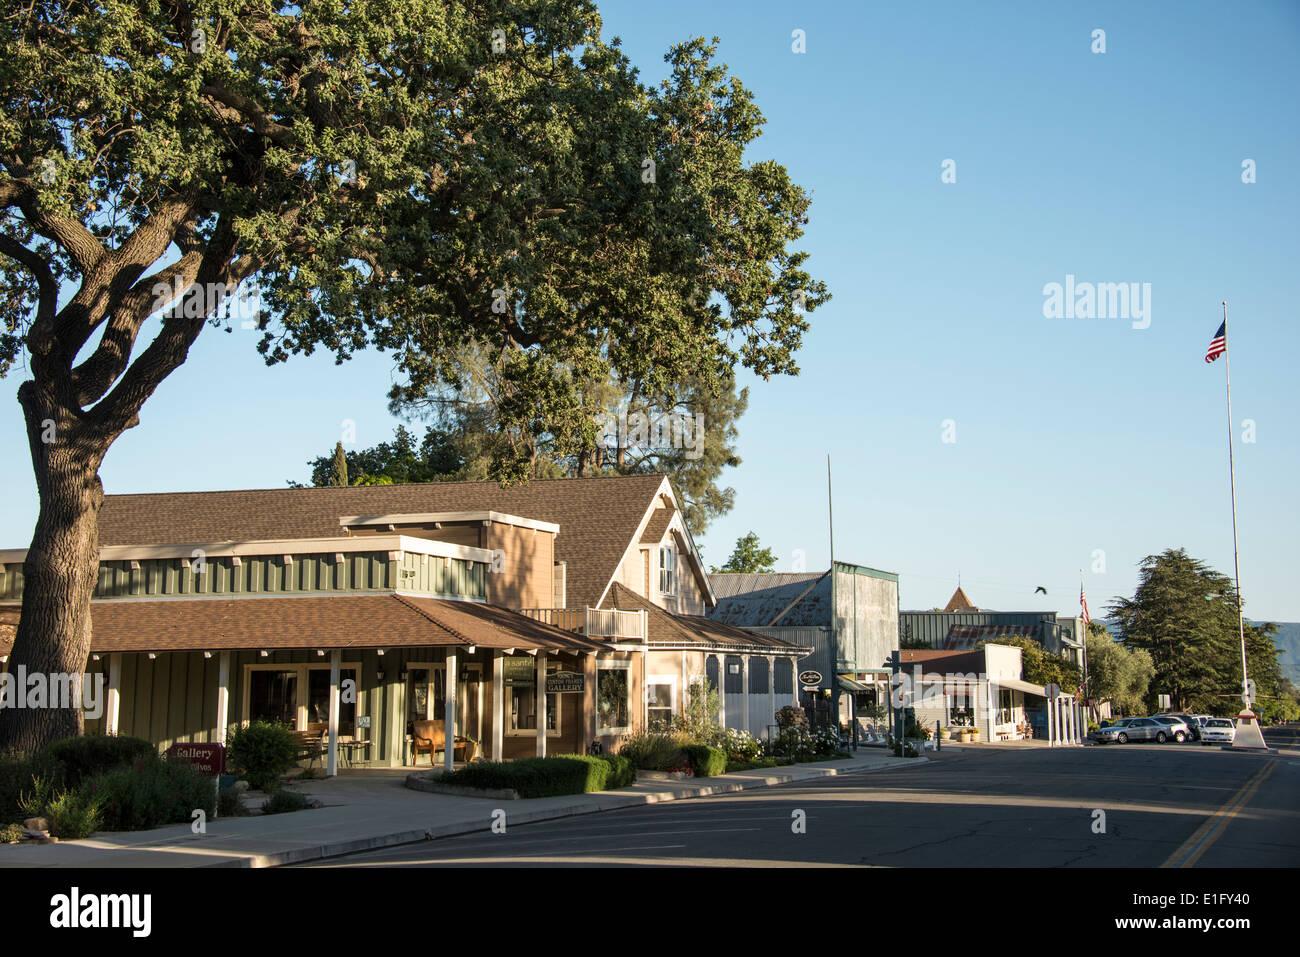 La strada principale della cittadina di Los Olivos nella Santa Ynez Valley nel paese del vino della California centrale USA Immagini Stock